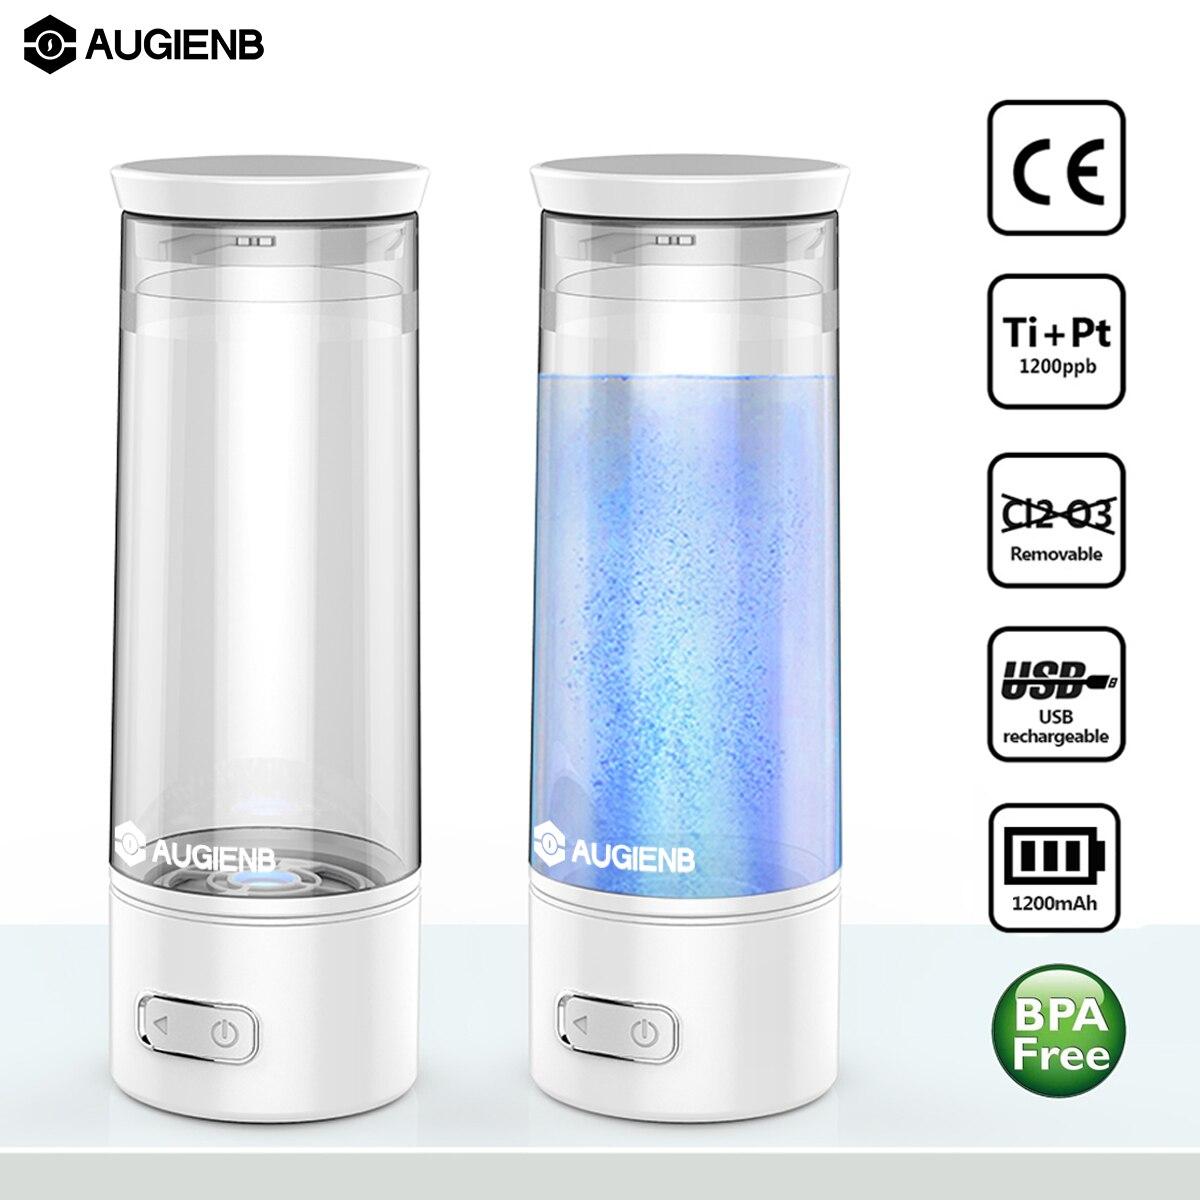 Augienb USB Ricaricabile Anti Invecchiamento Portatile Bottiglia di Acqua Ricca di Idrogeno Ionizzatore Generatore di Ioni Negativi di Elettrolita Sano